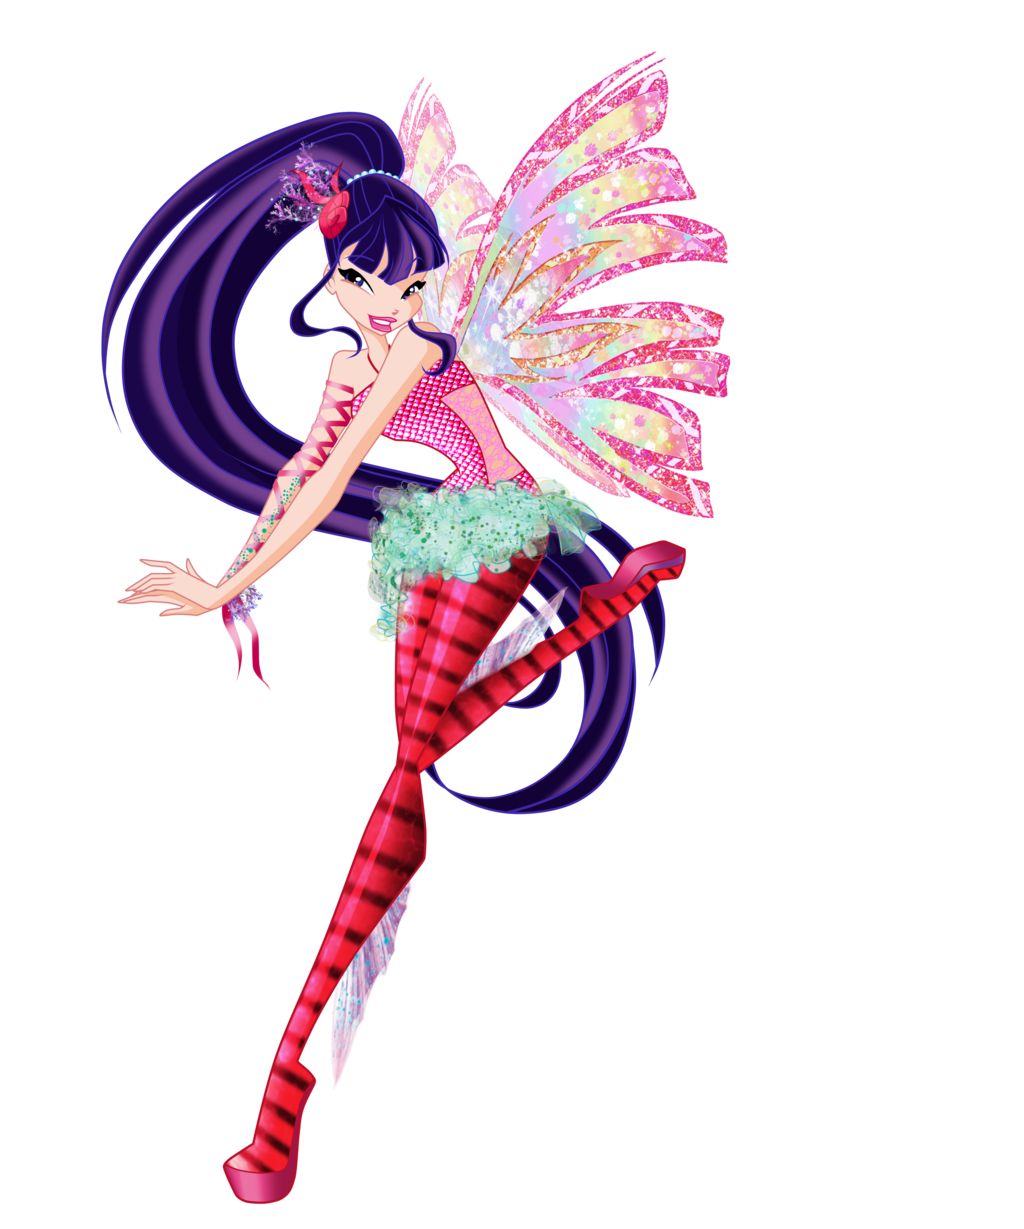 Musa Sirenix by Bloom2.deviantart.com on @DeviantArt